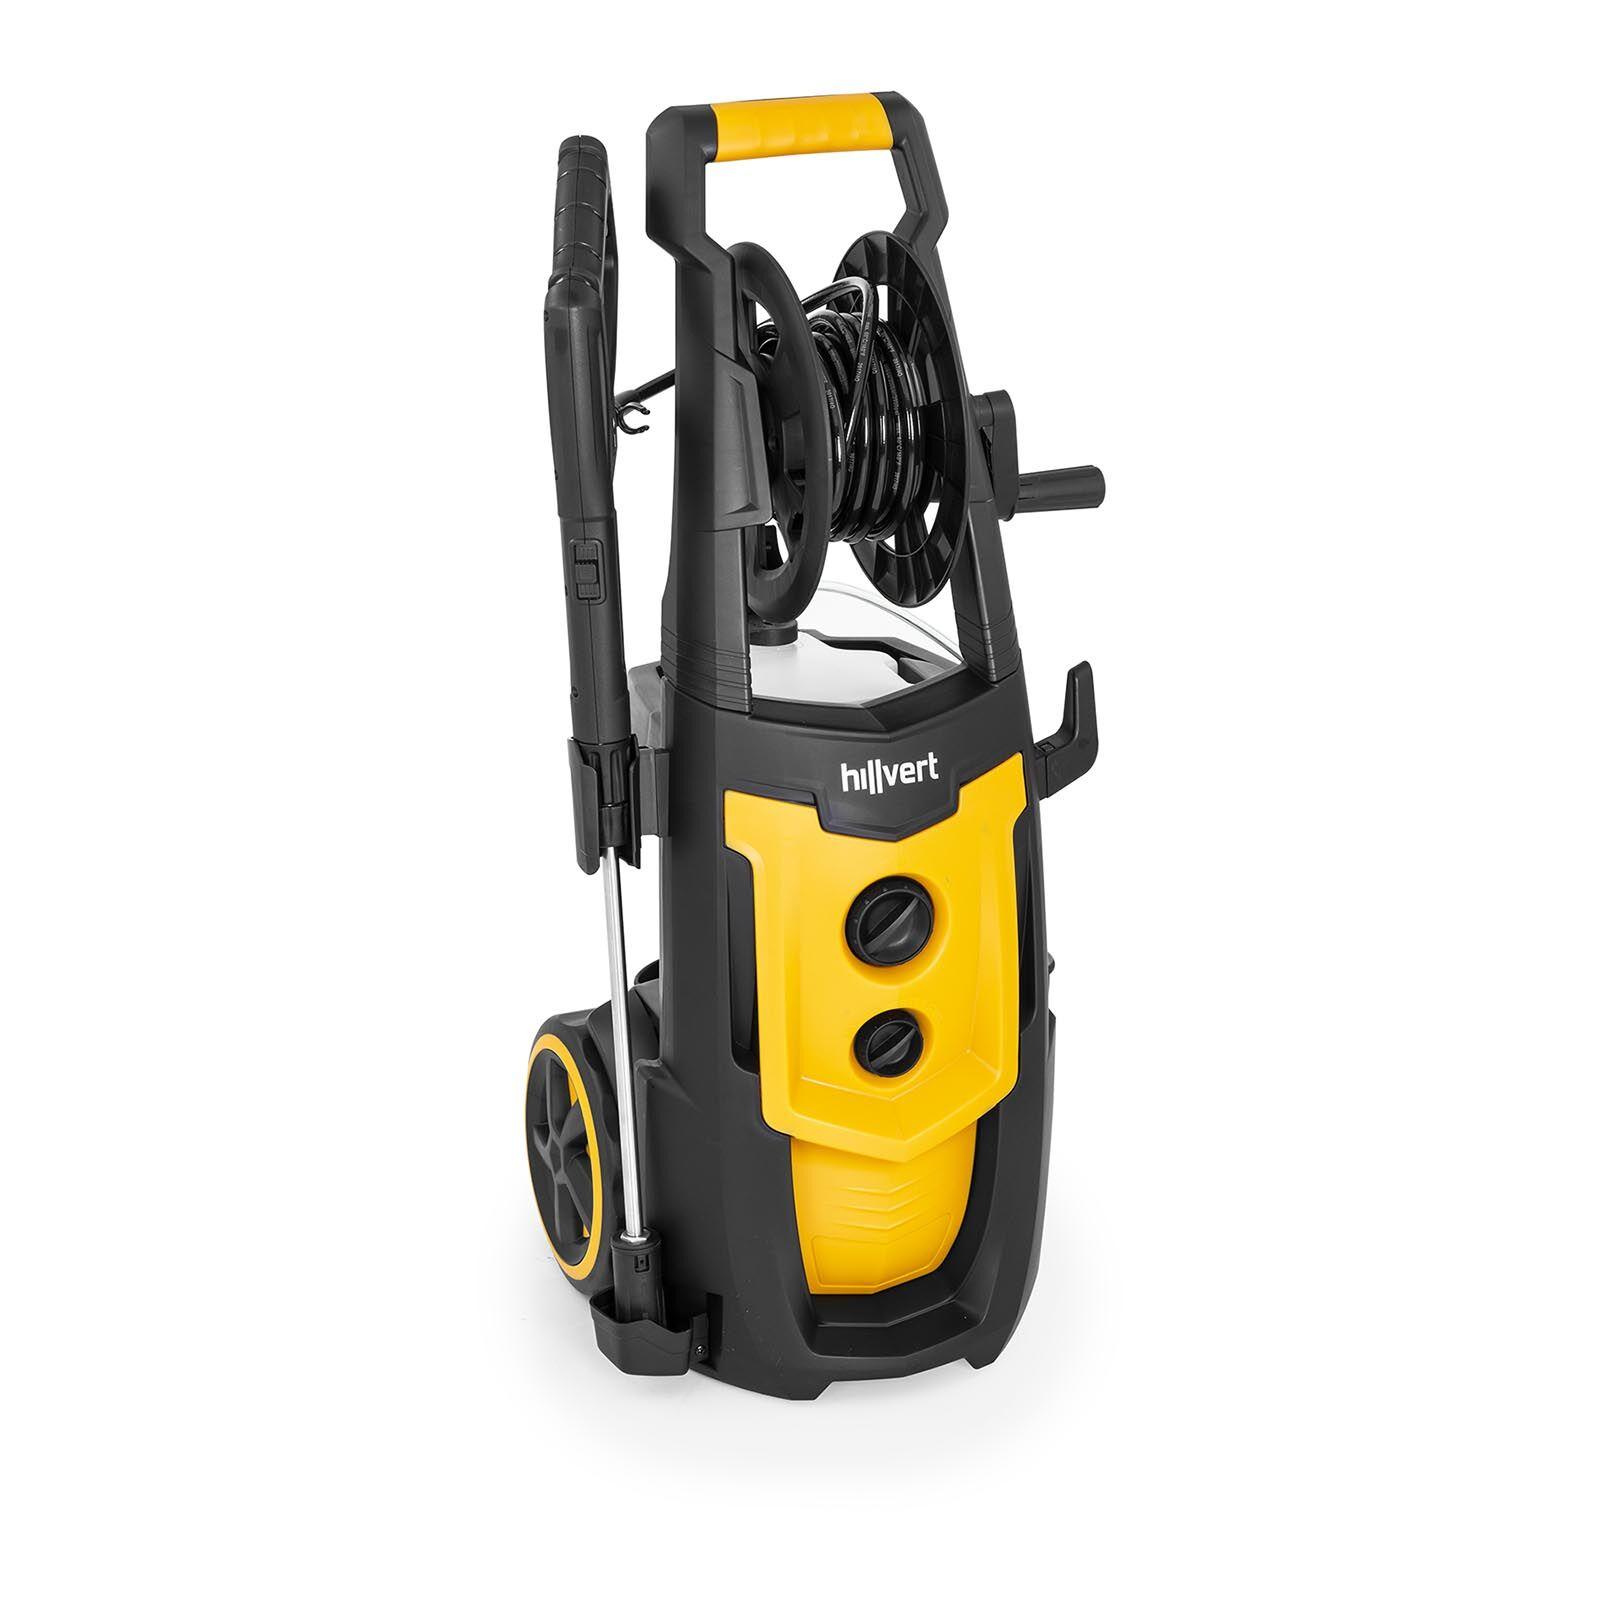 hillvert Nettoyeur haute pression Professionnel - 2 200 watts - avec réservoir de détergent HT-HUDSON 2200